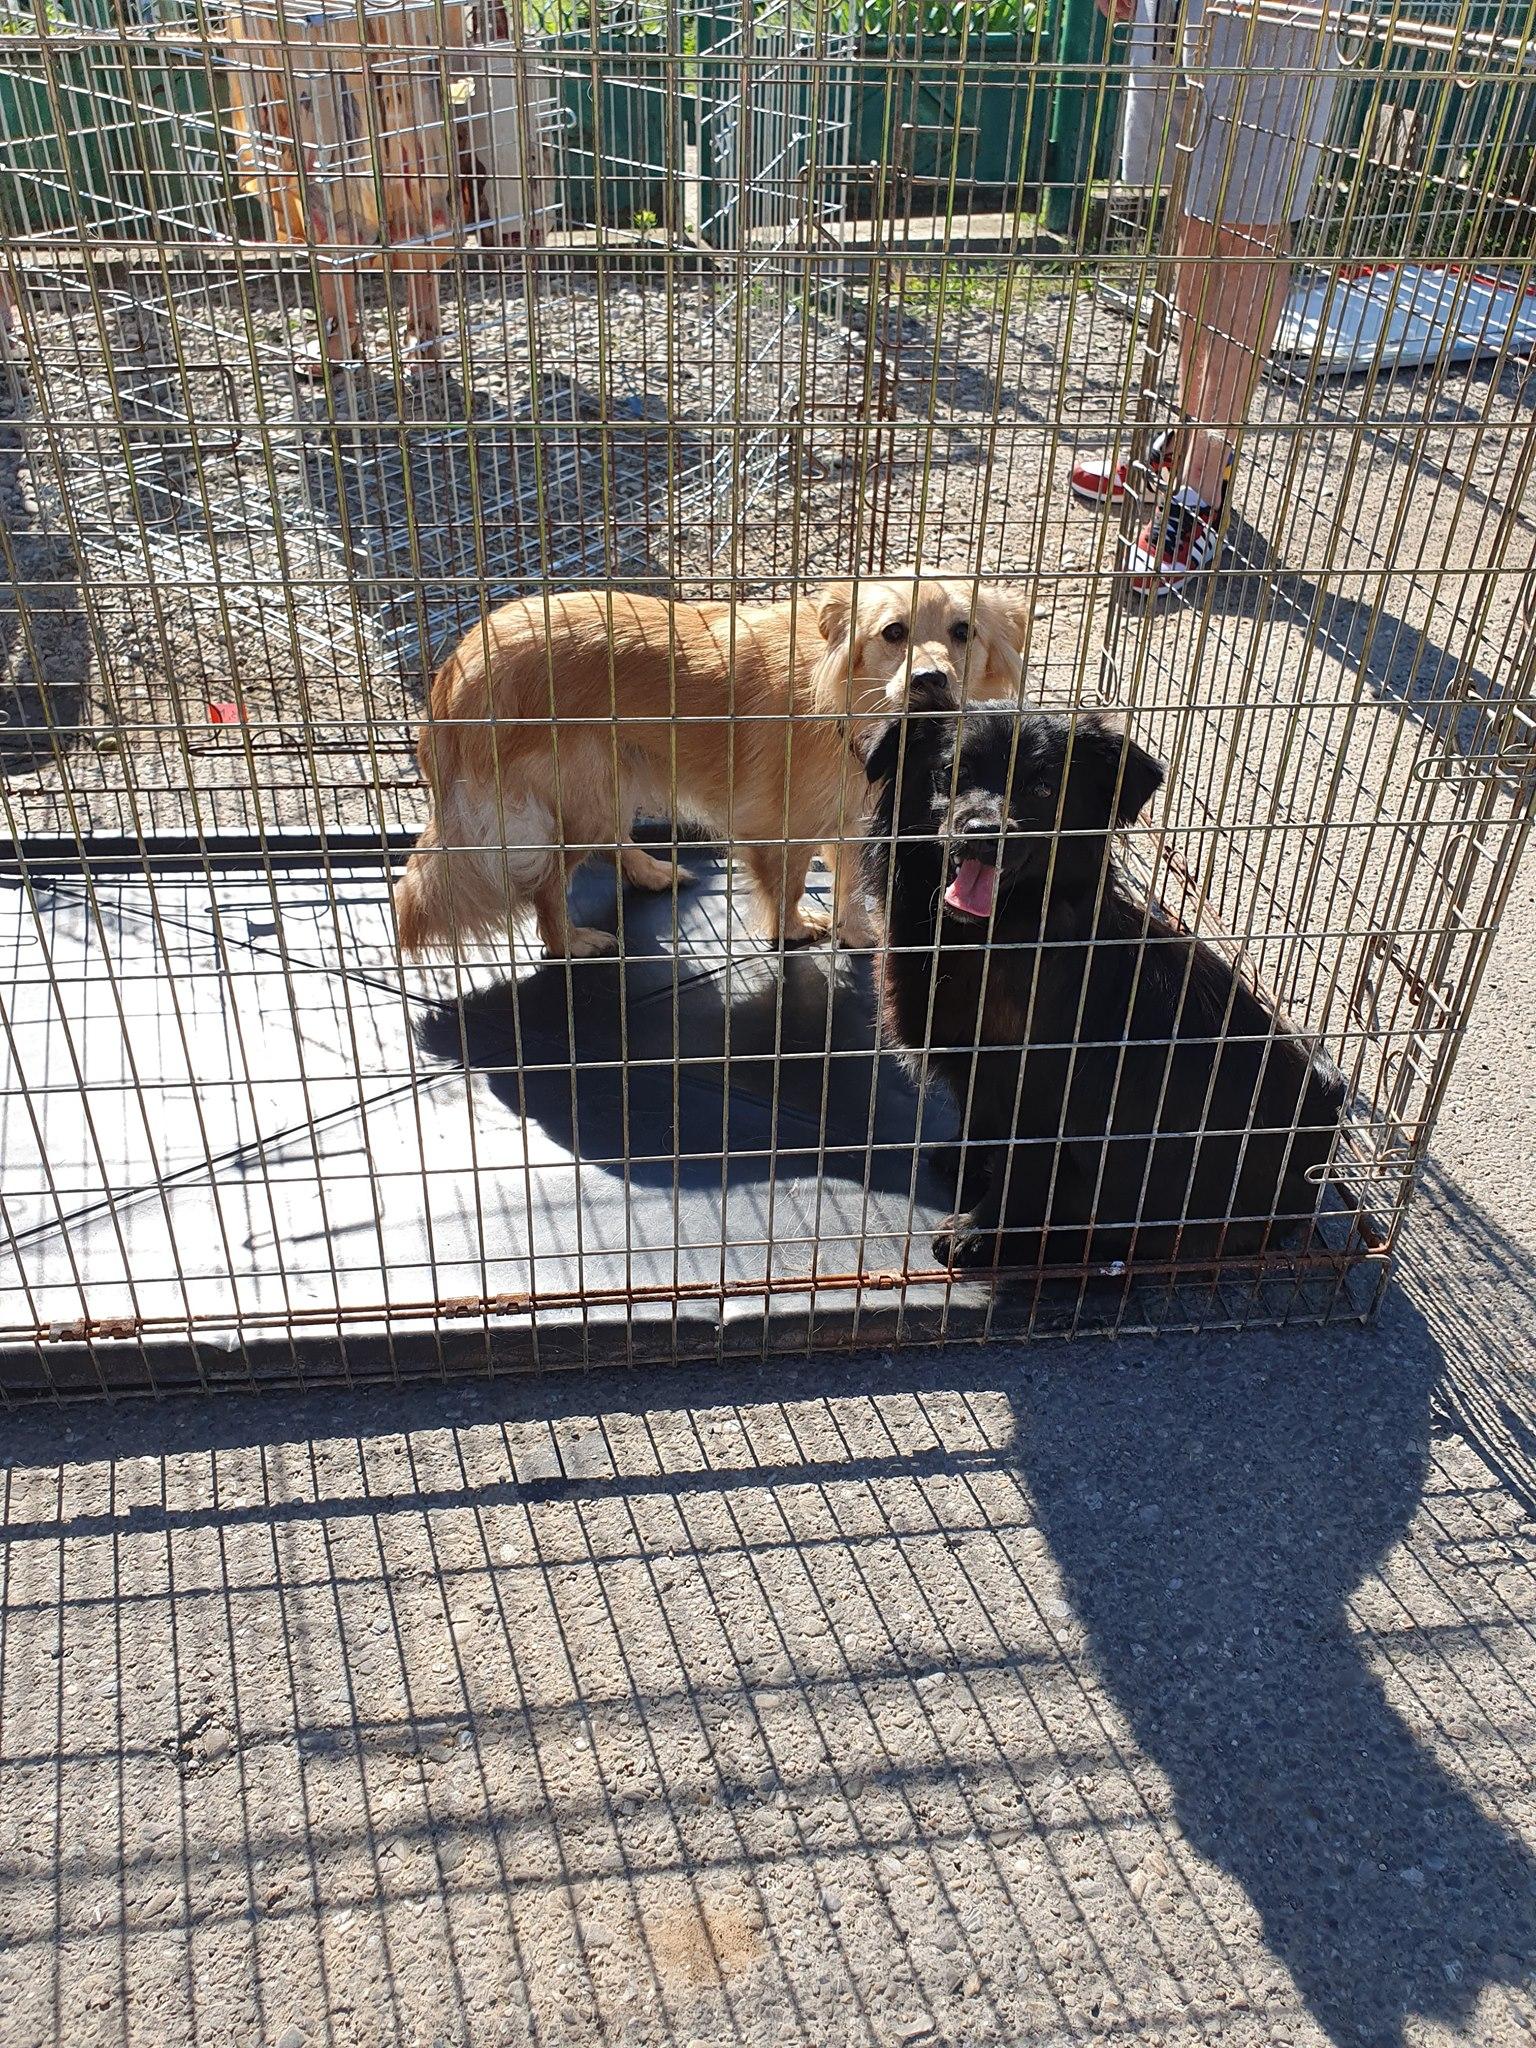 Sterilizare pisici și câini la Câmpina-câini ce așteaptă în cușcă